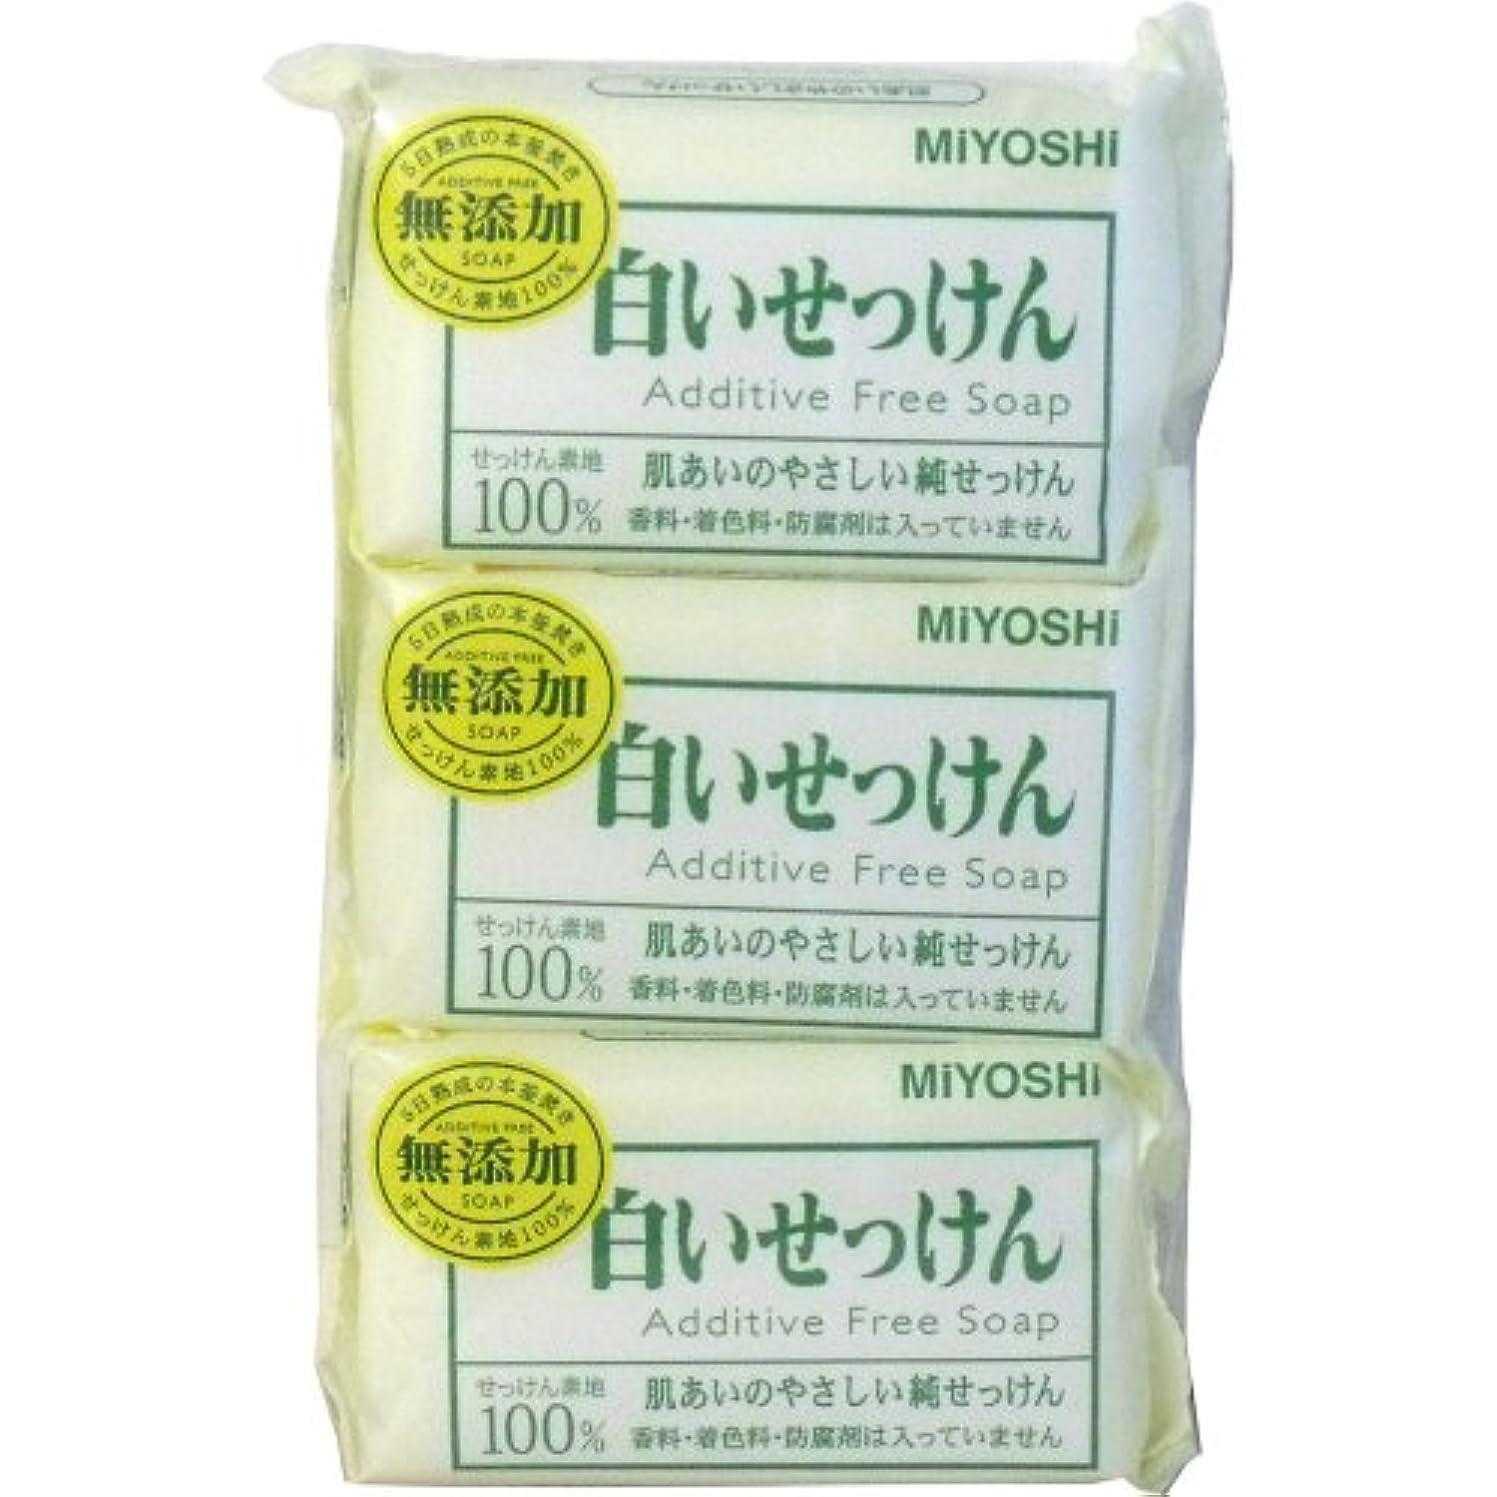 環境ジョブ付属品【ミヨシ】ミヨシ 無添加 白いせっけん 108g×3個入 ×10個セット